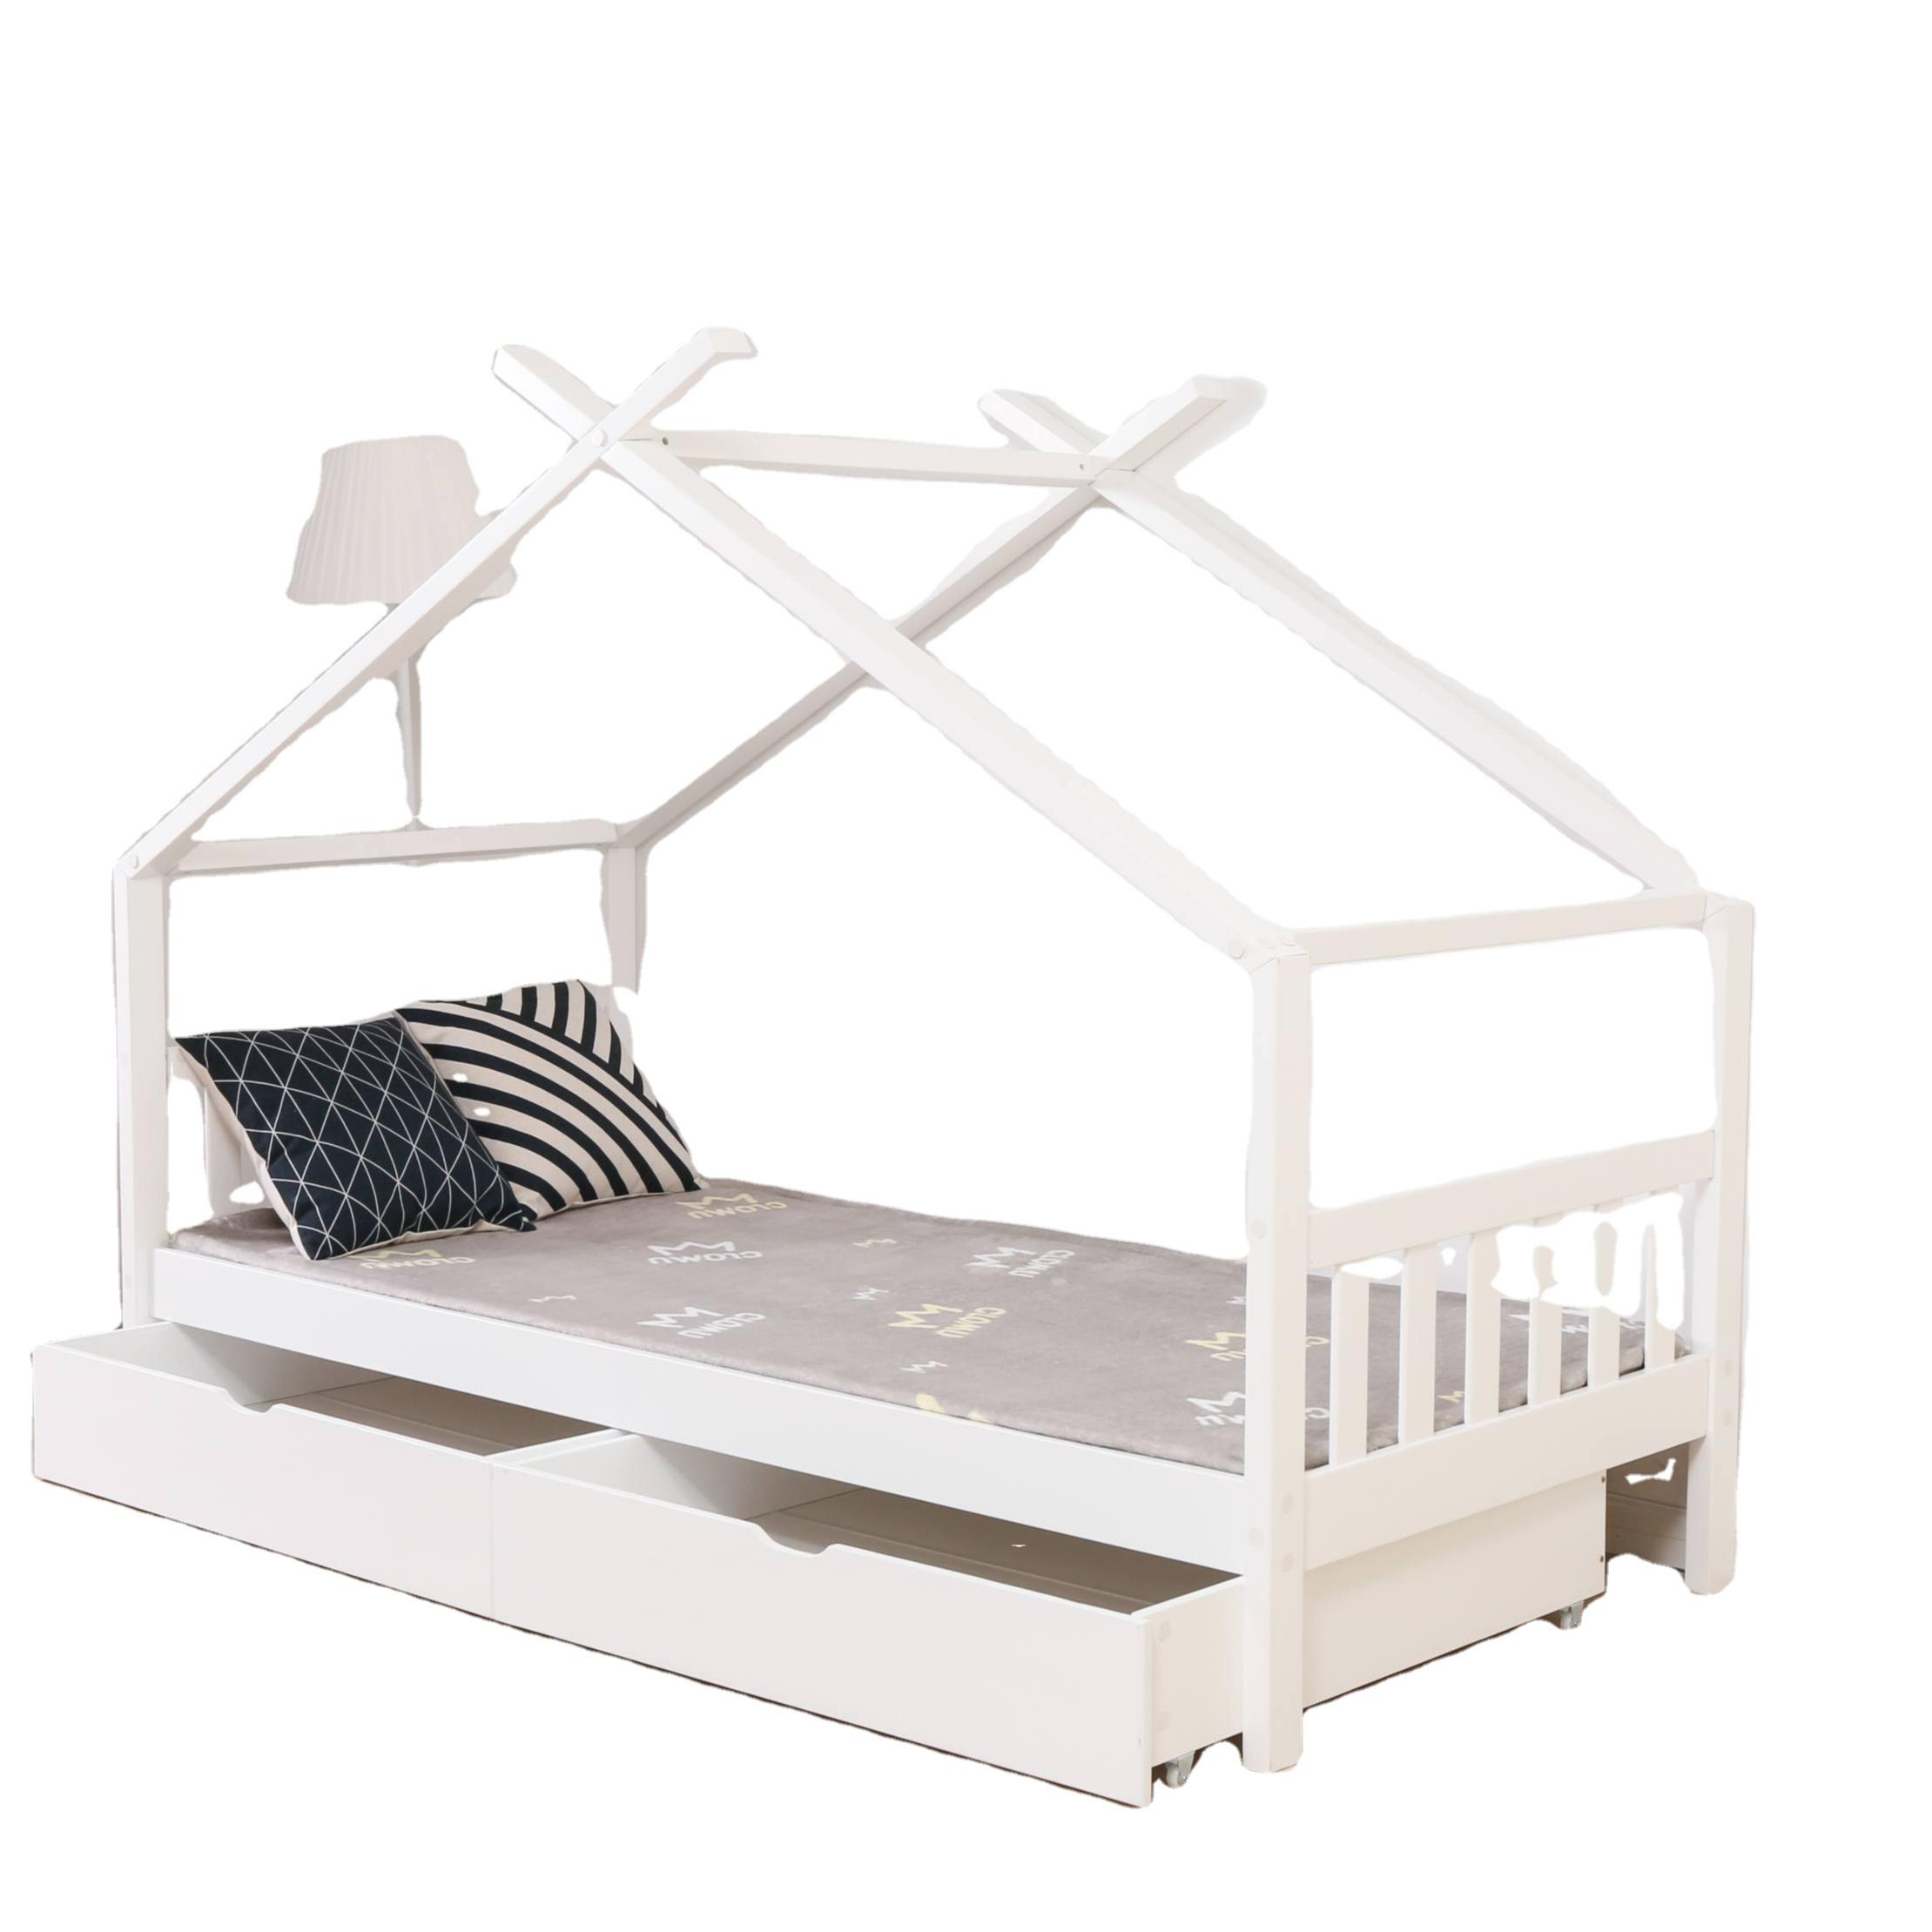 2020 木の家ベッド子供のための子供のテント小屋ベッドフレームと 2 引き出し